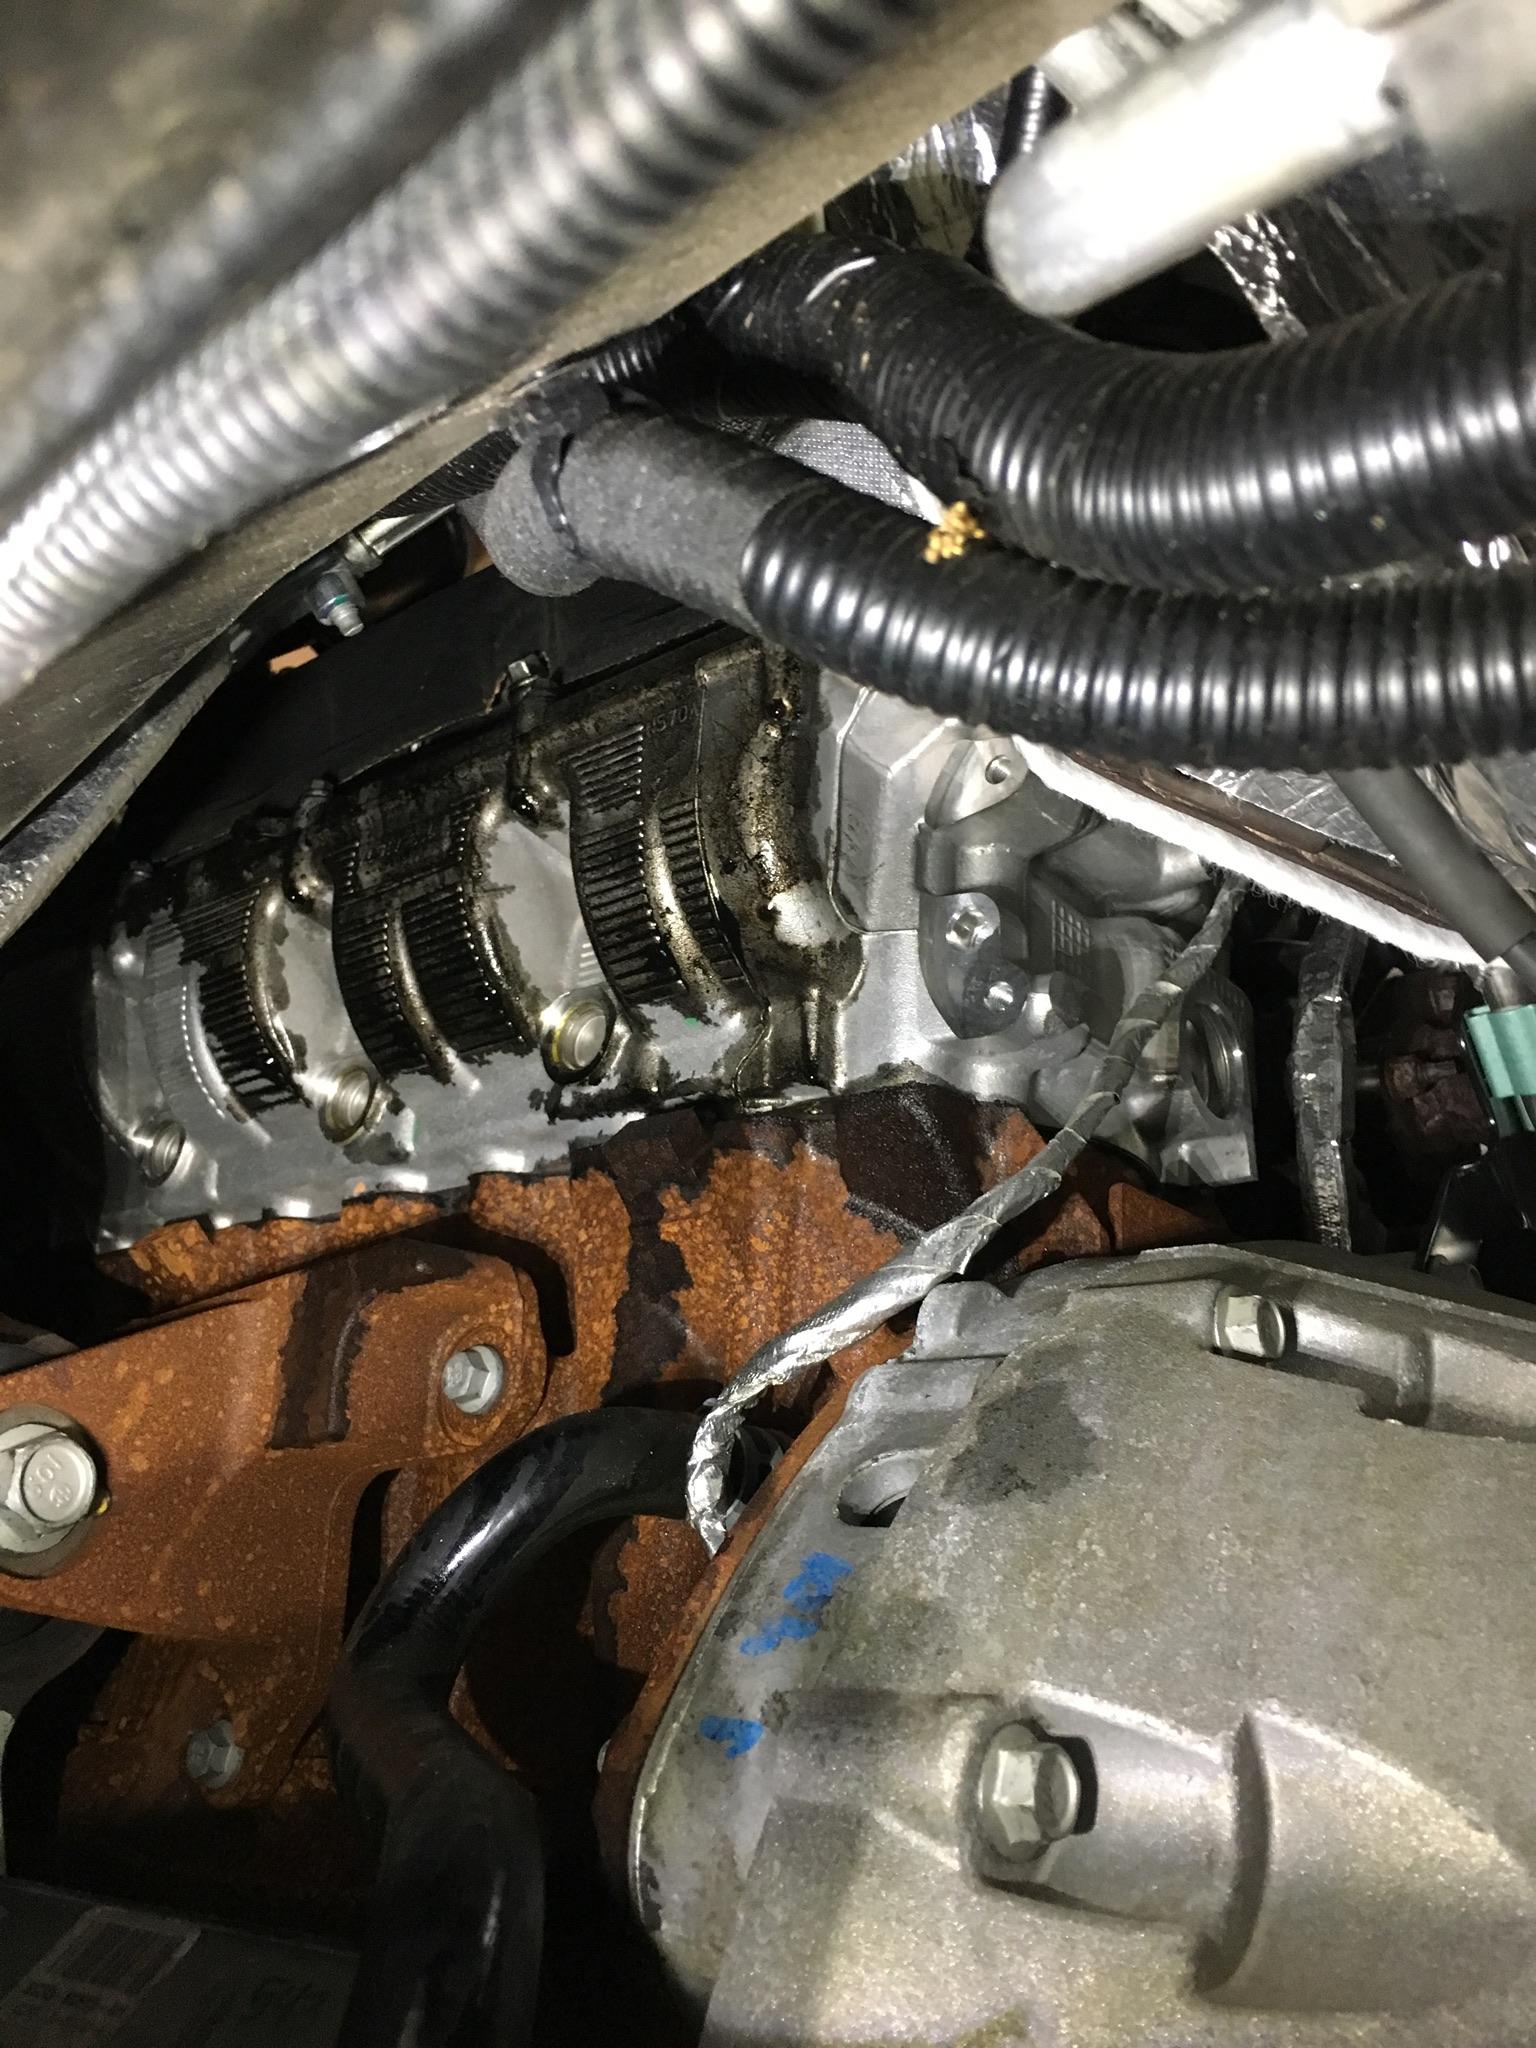 2017 6.7 Powerstroke Problems >> '15 6.7L Oil Leak Driver Side - Ford Powerstroke Diesel Forum